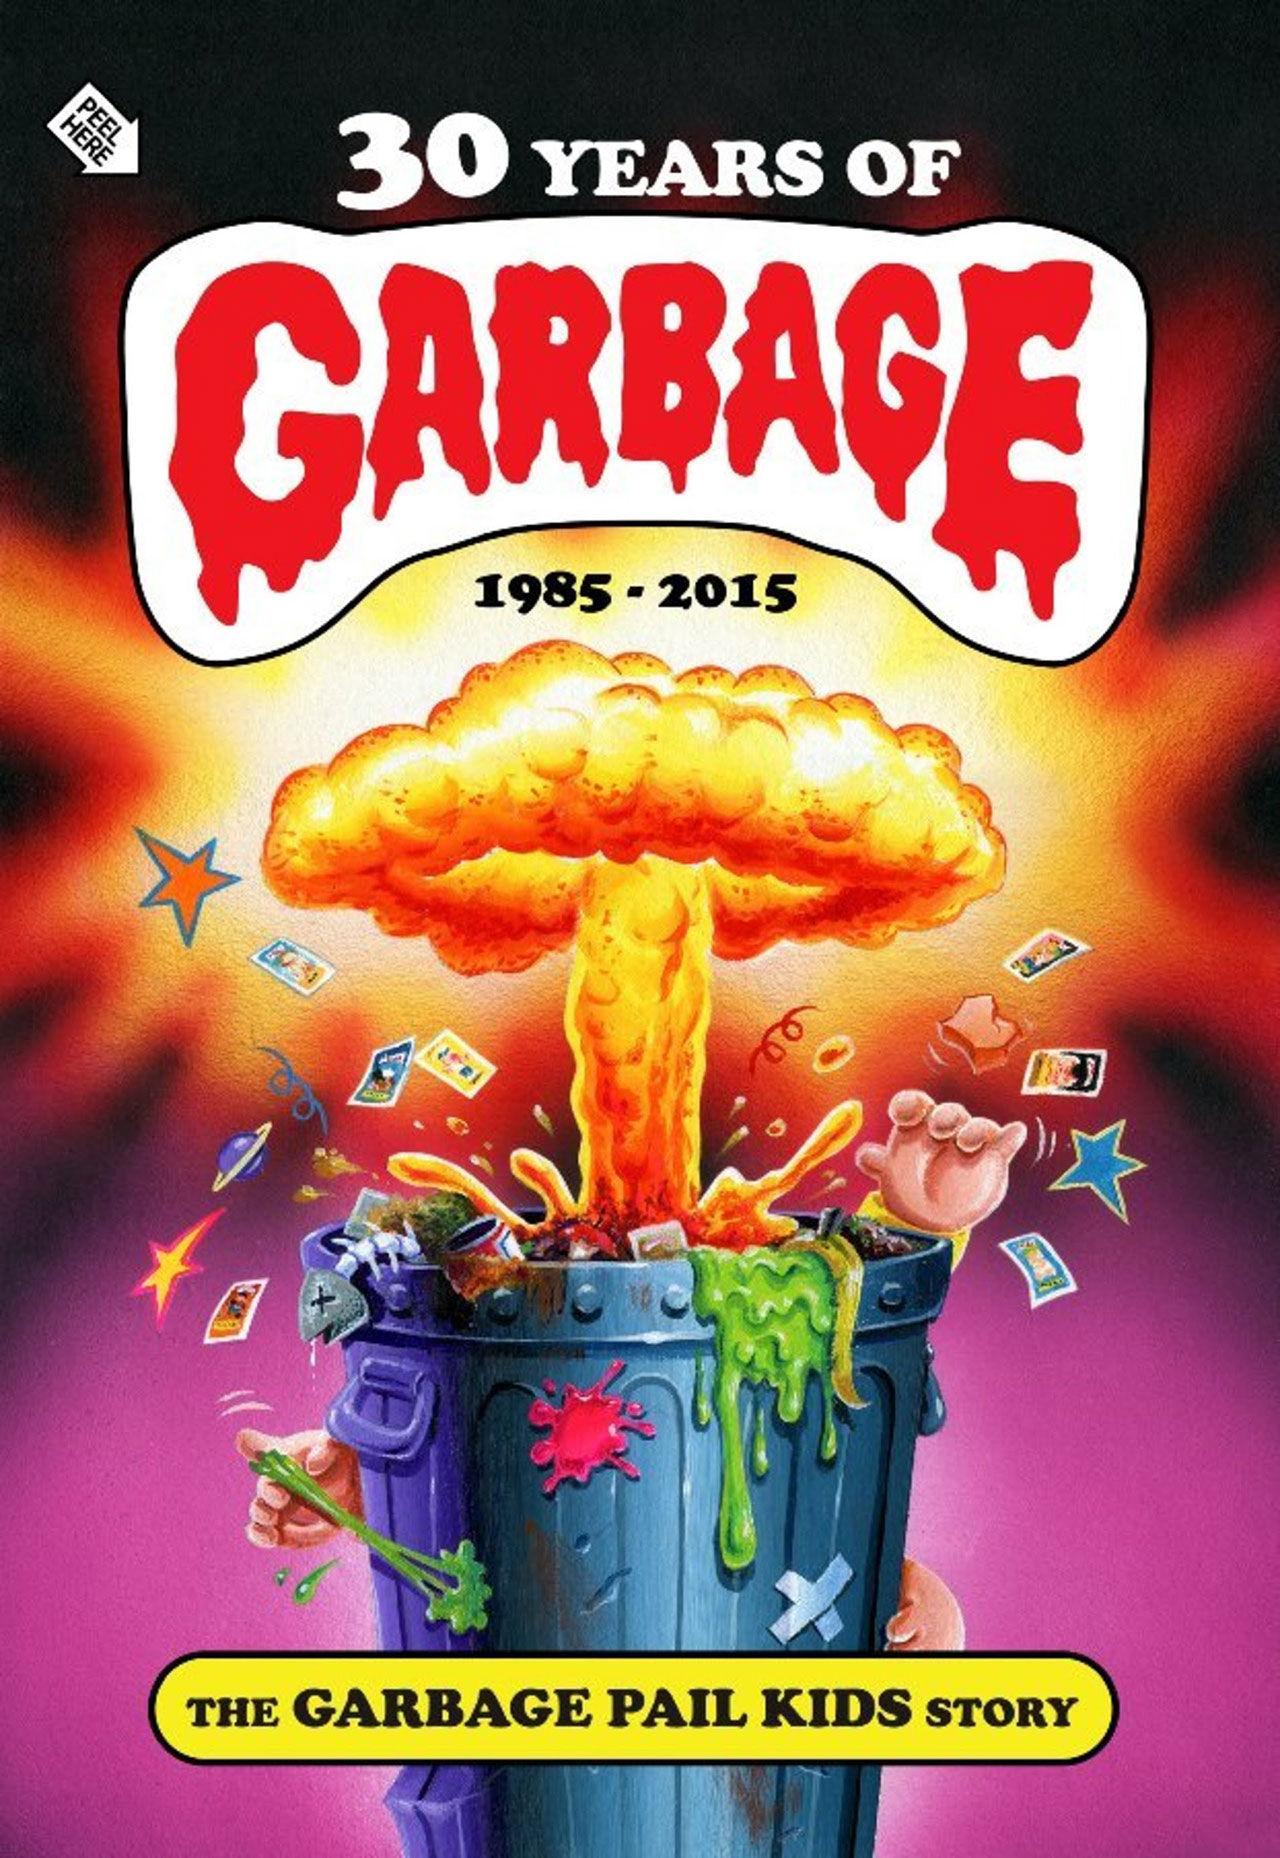 Trailer för dokumentär om Garbage Pail Kids